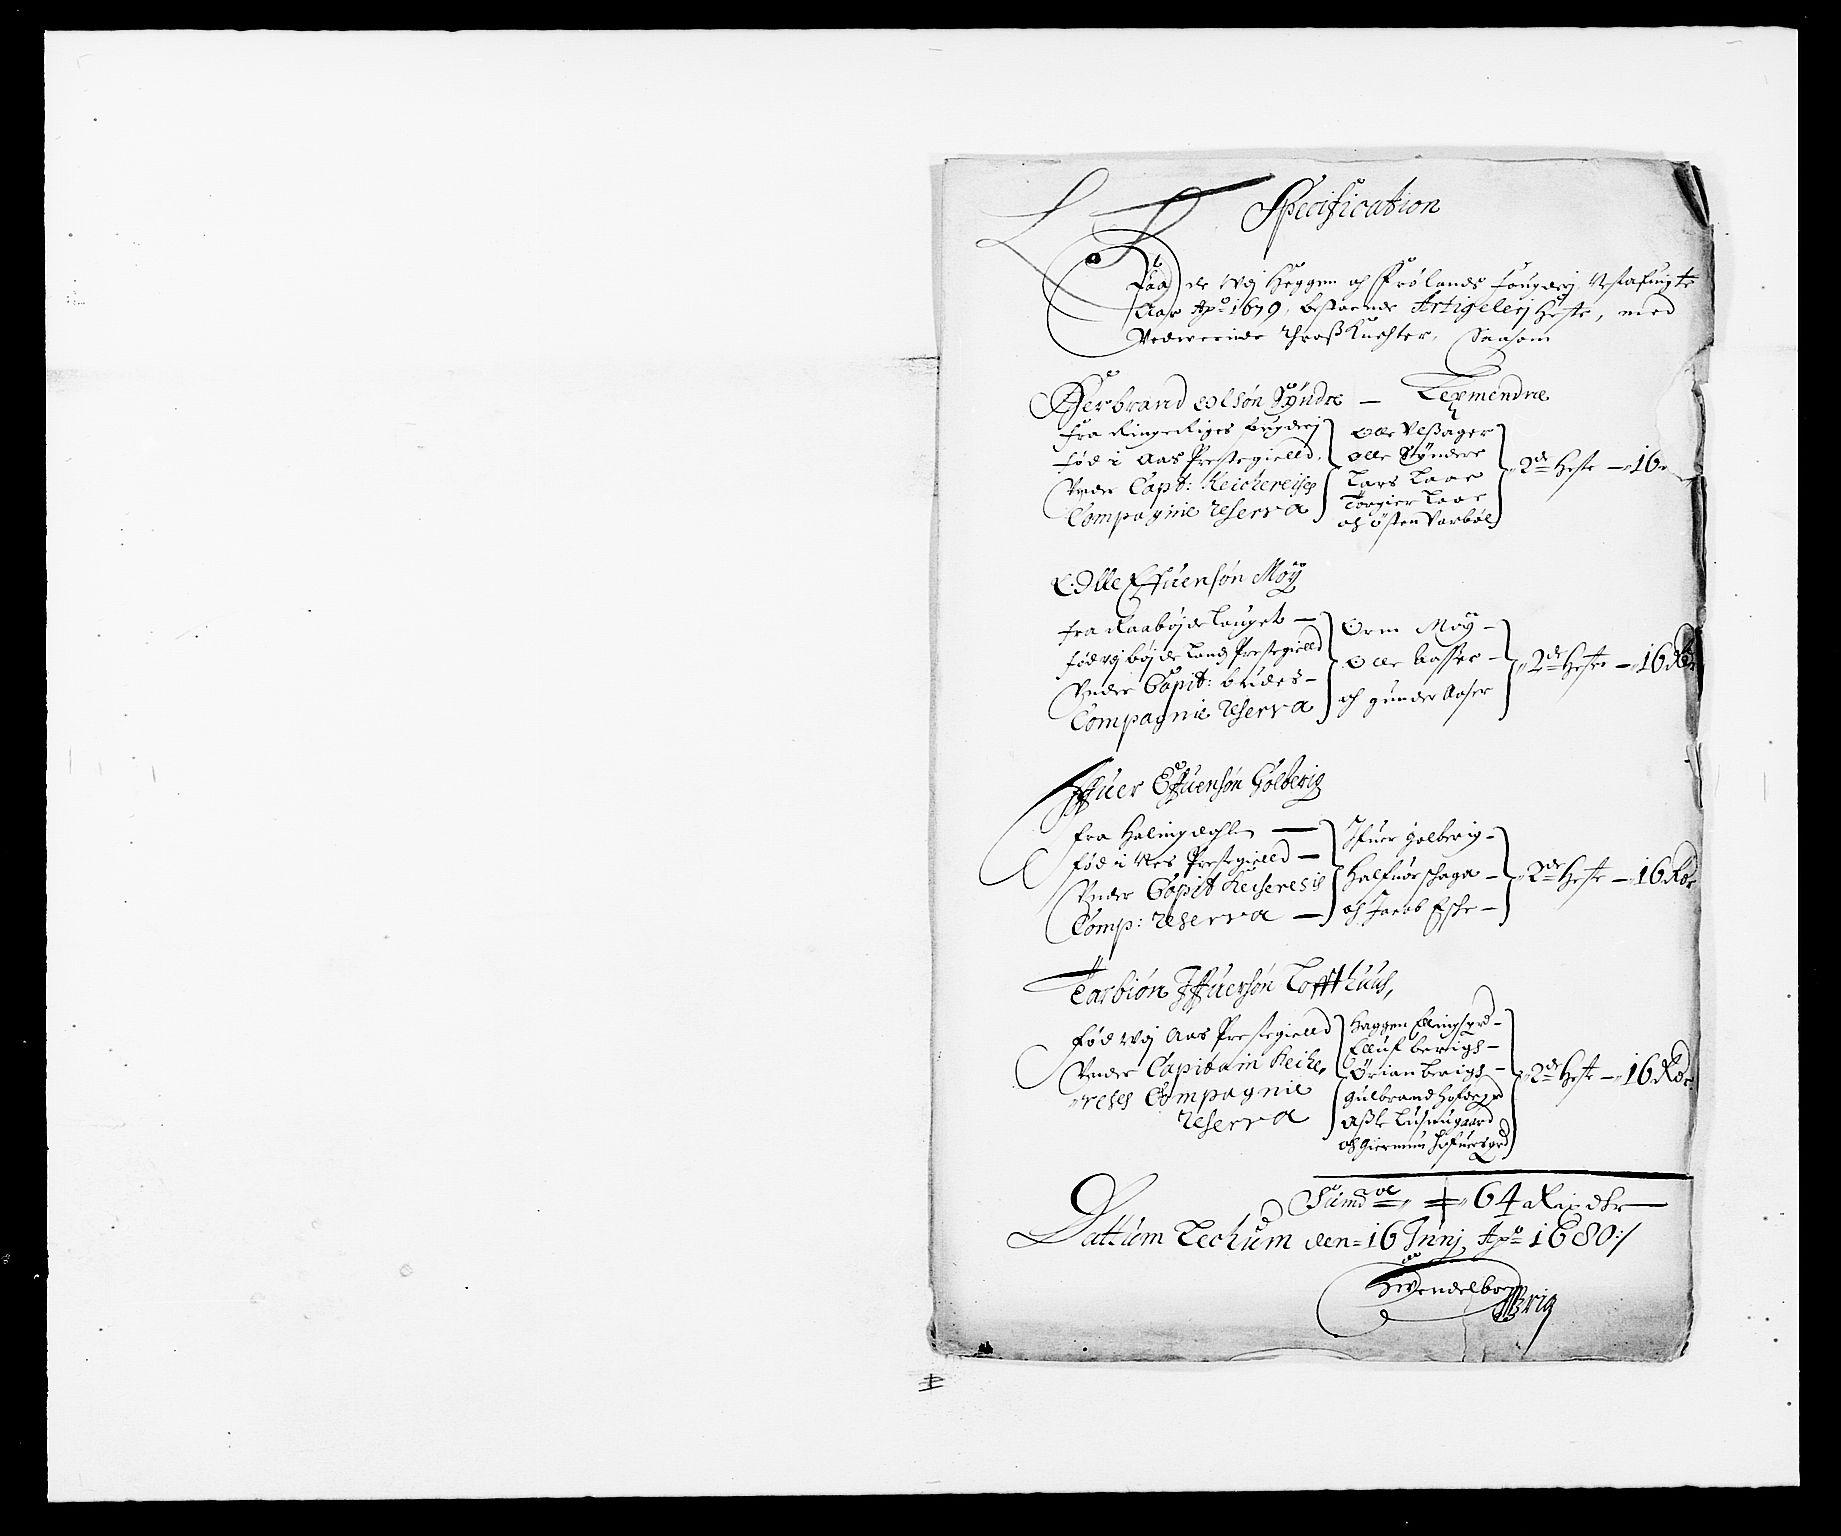 RA, Rentekammeret inntil 1814, Reviderte regnskaper, Fogderegnskap, R06/L0279: Fogderegnskap Heggen og Frøland, 1678-1680, s. 531